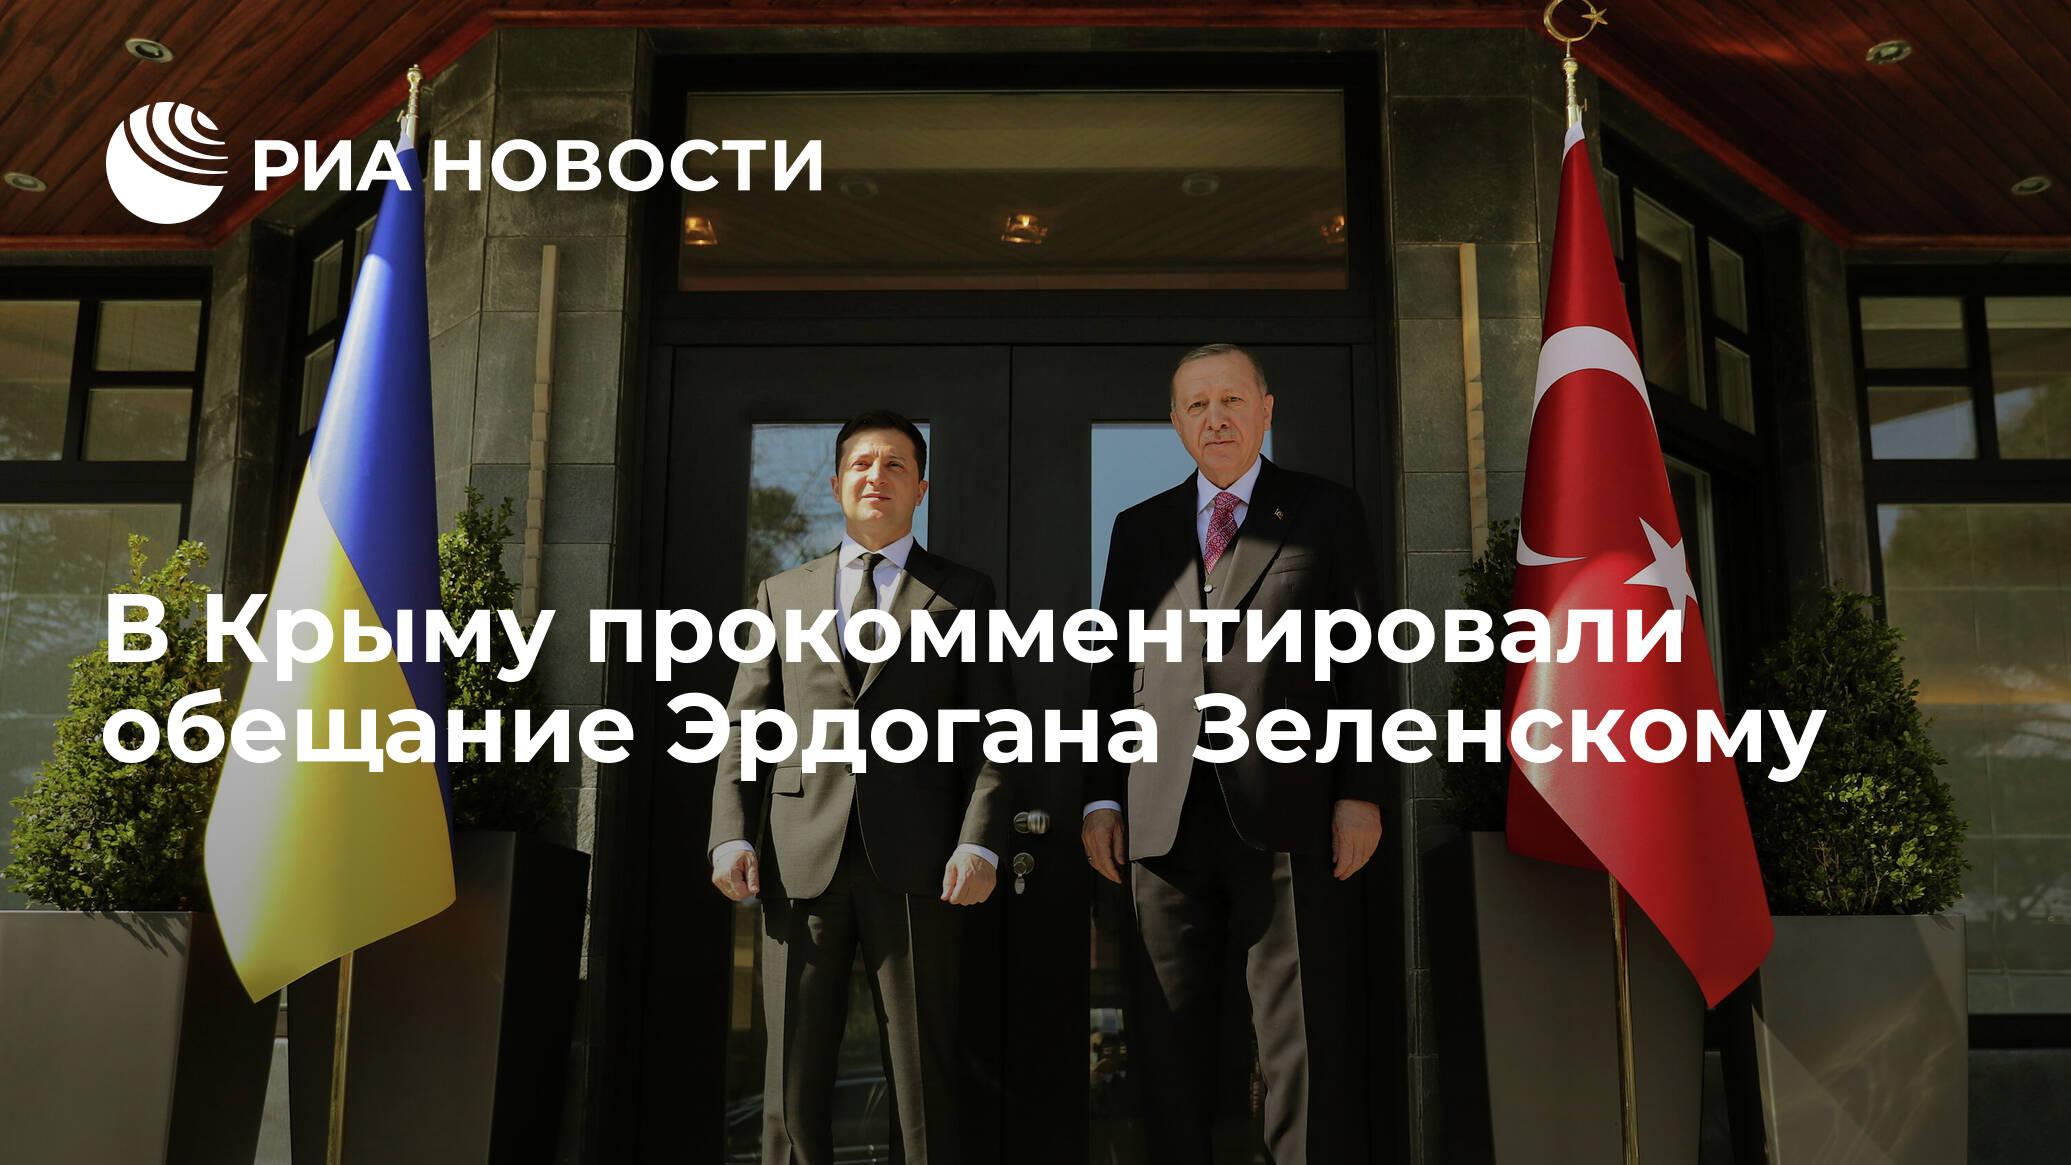 В Крыму прокомментировали обещание Эрдогана Зеленскому